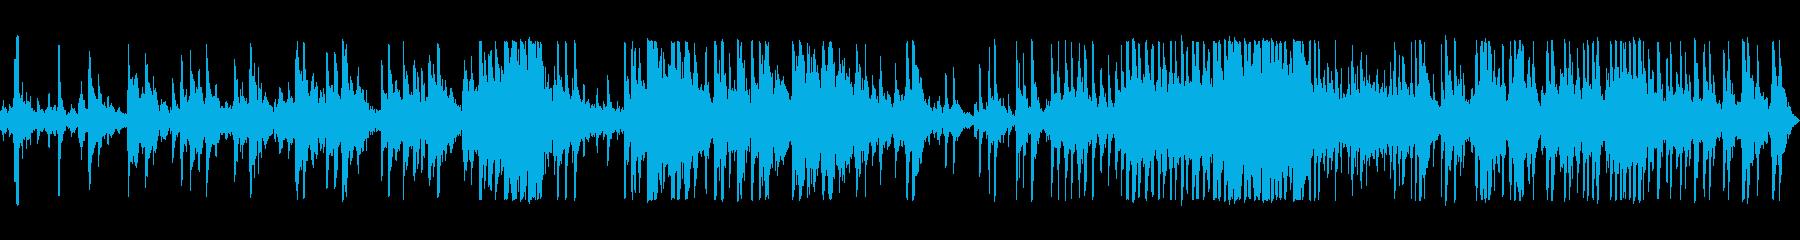 メタルドラムスラムの再生済みの波形